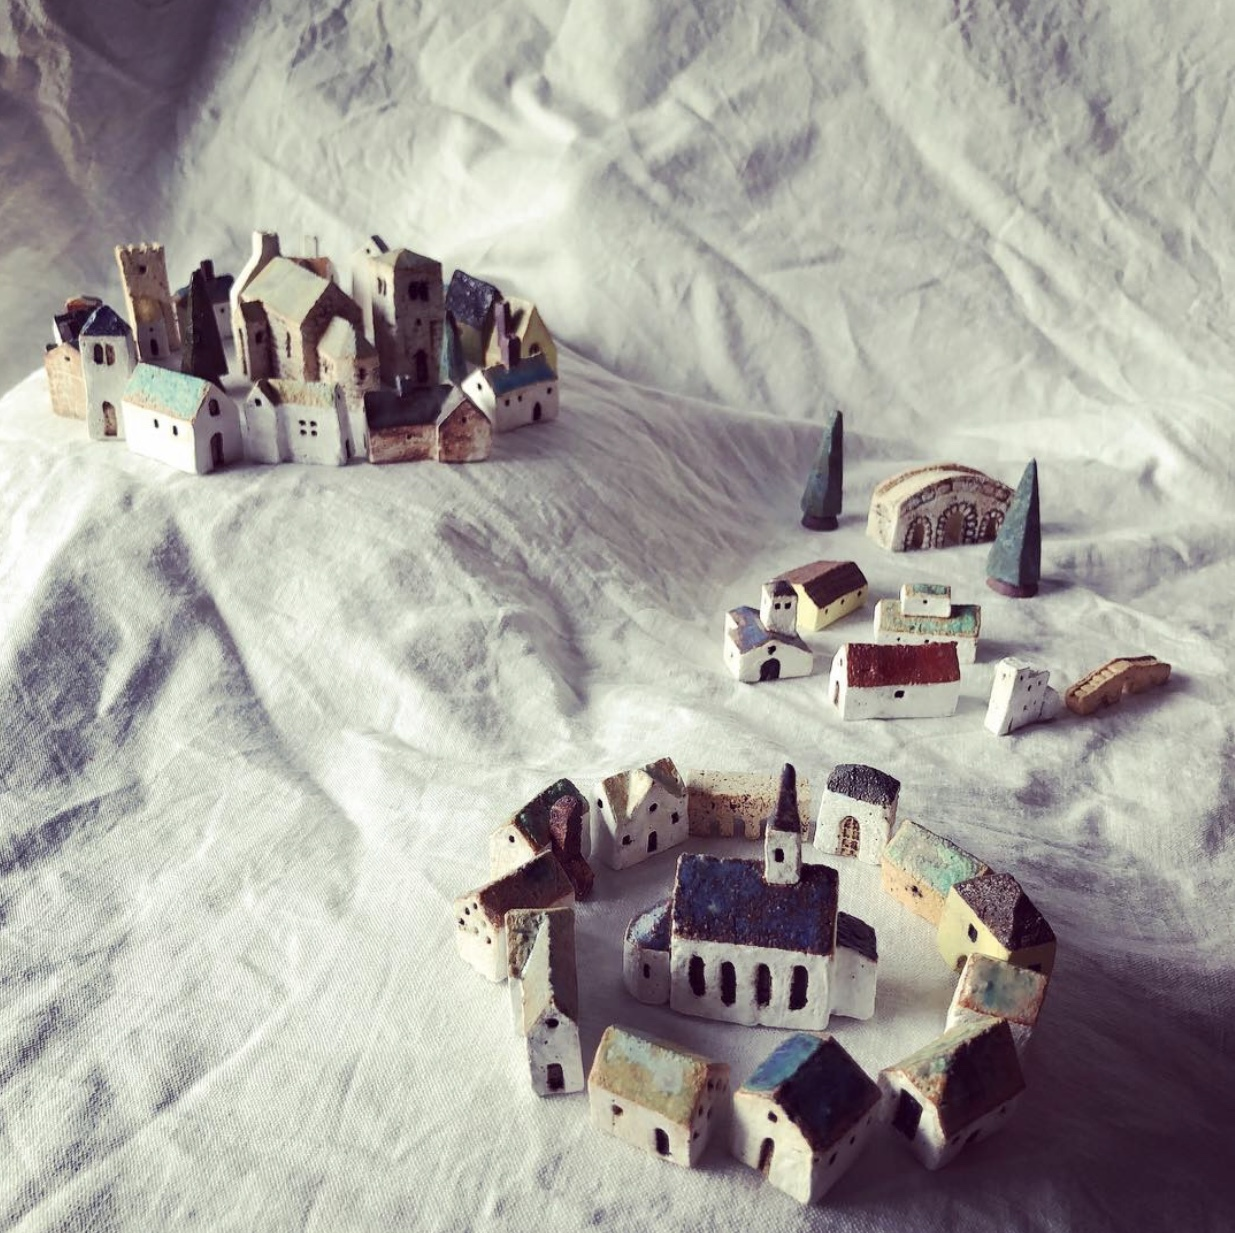 ふしぎかわいいものたち展part2出品作品〜街や村、教会、城、神殿など〜_a0137727_10423593.jpeg